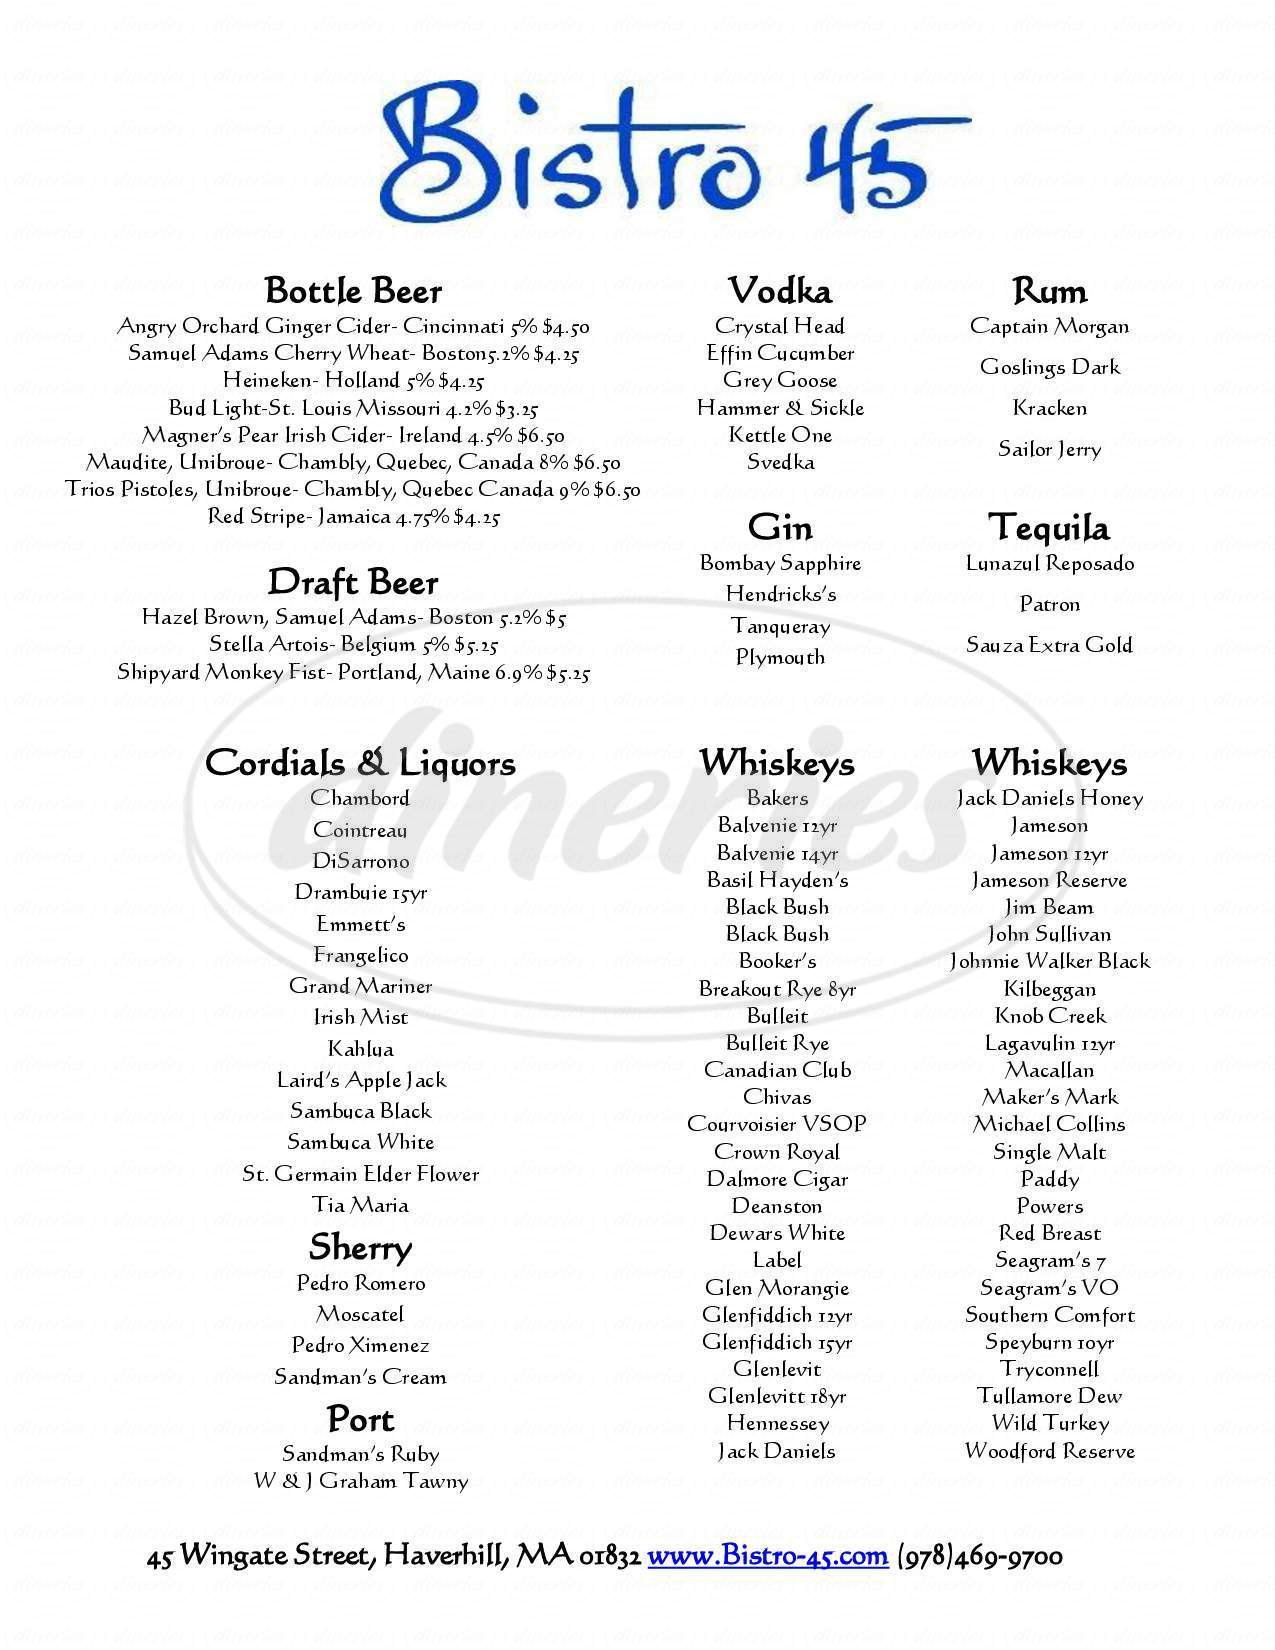 menu for Bistro 45